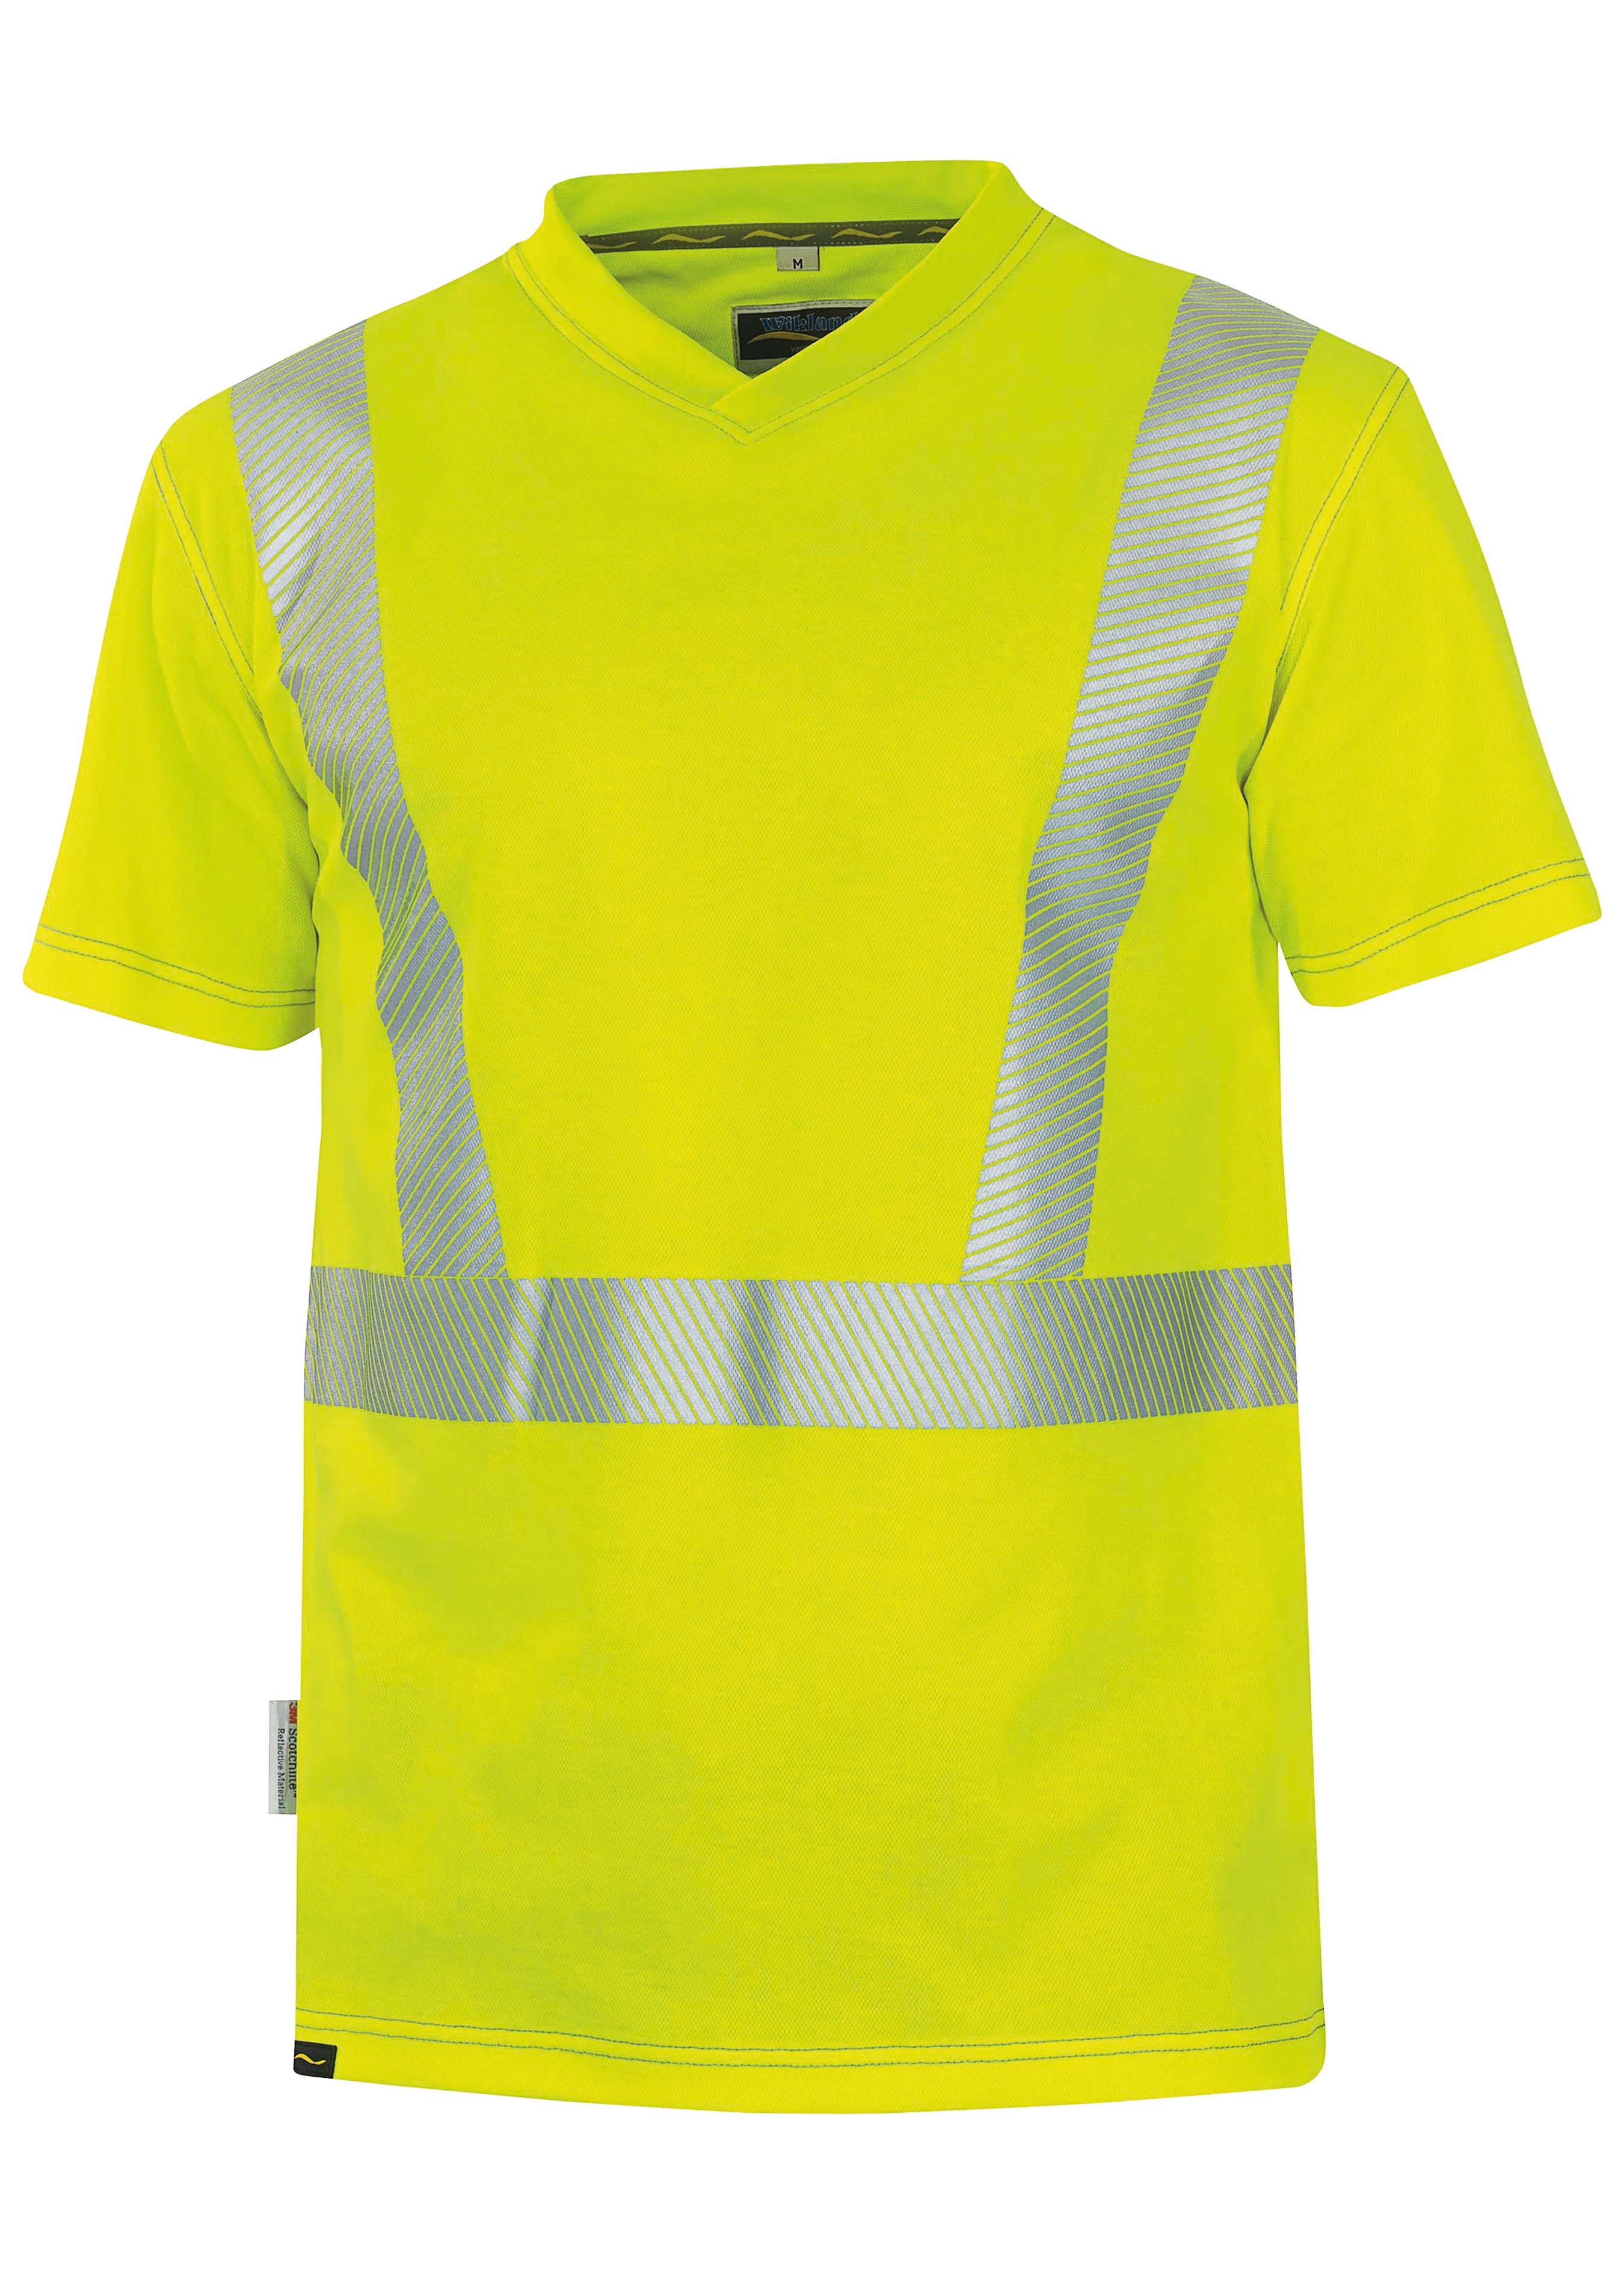 Wikland Warnschutz T-Shirt 1309, EN ISO 20471 Kl. 2 172353L 1